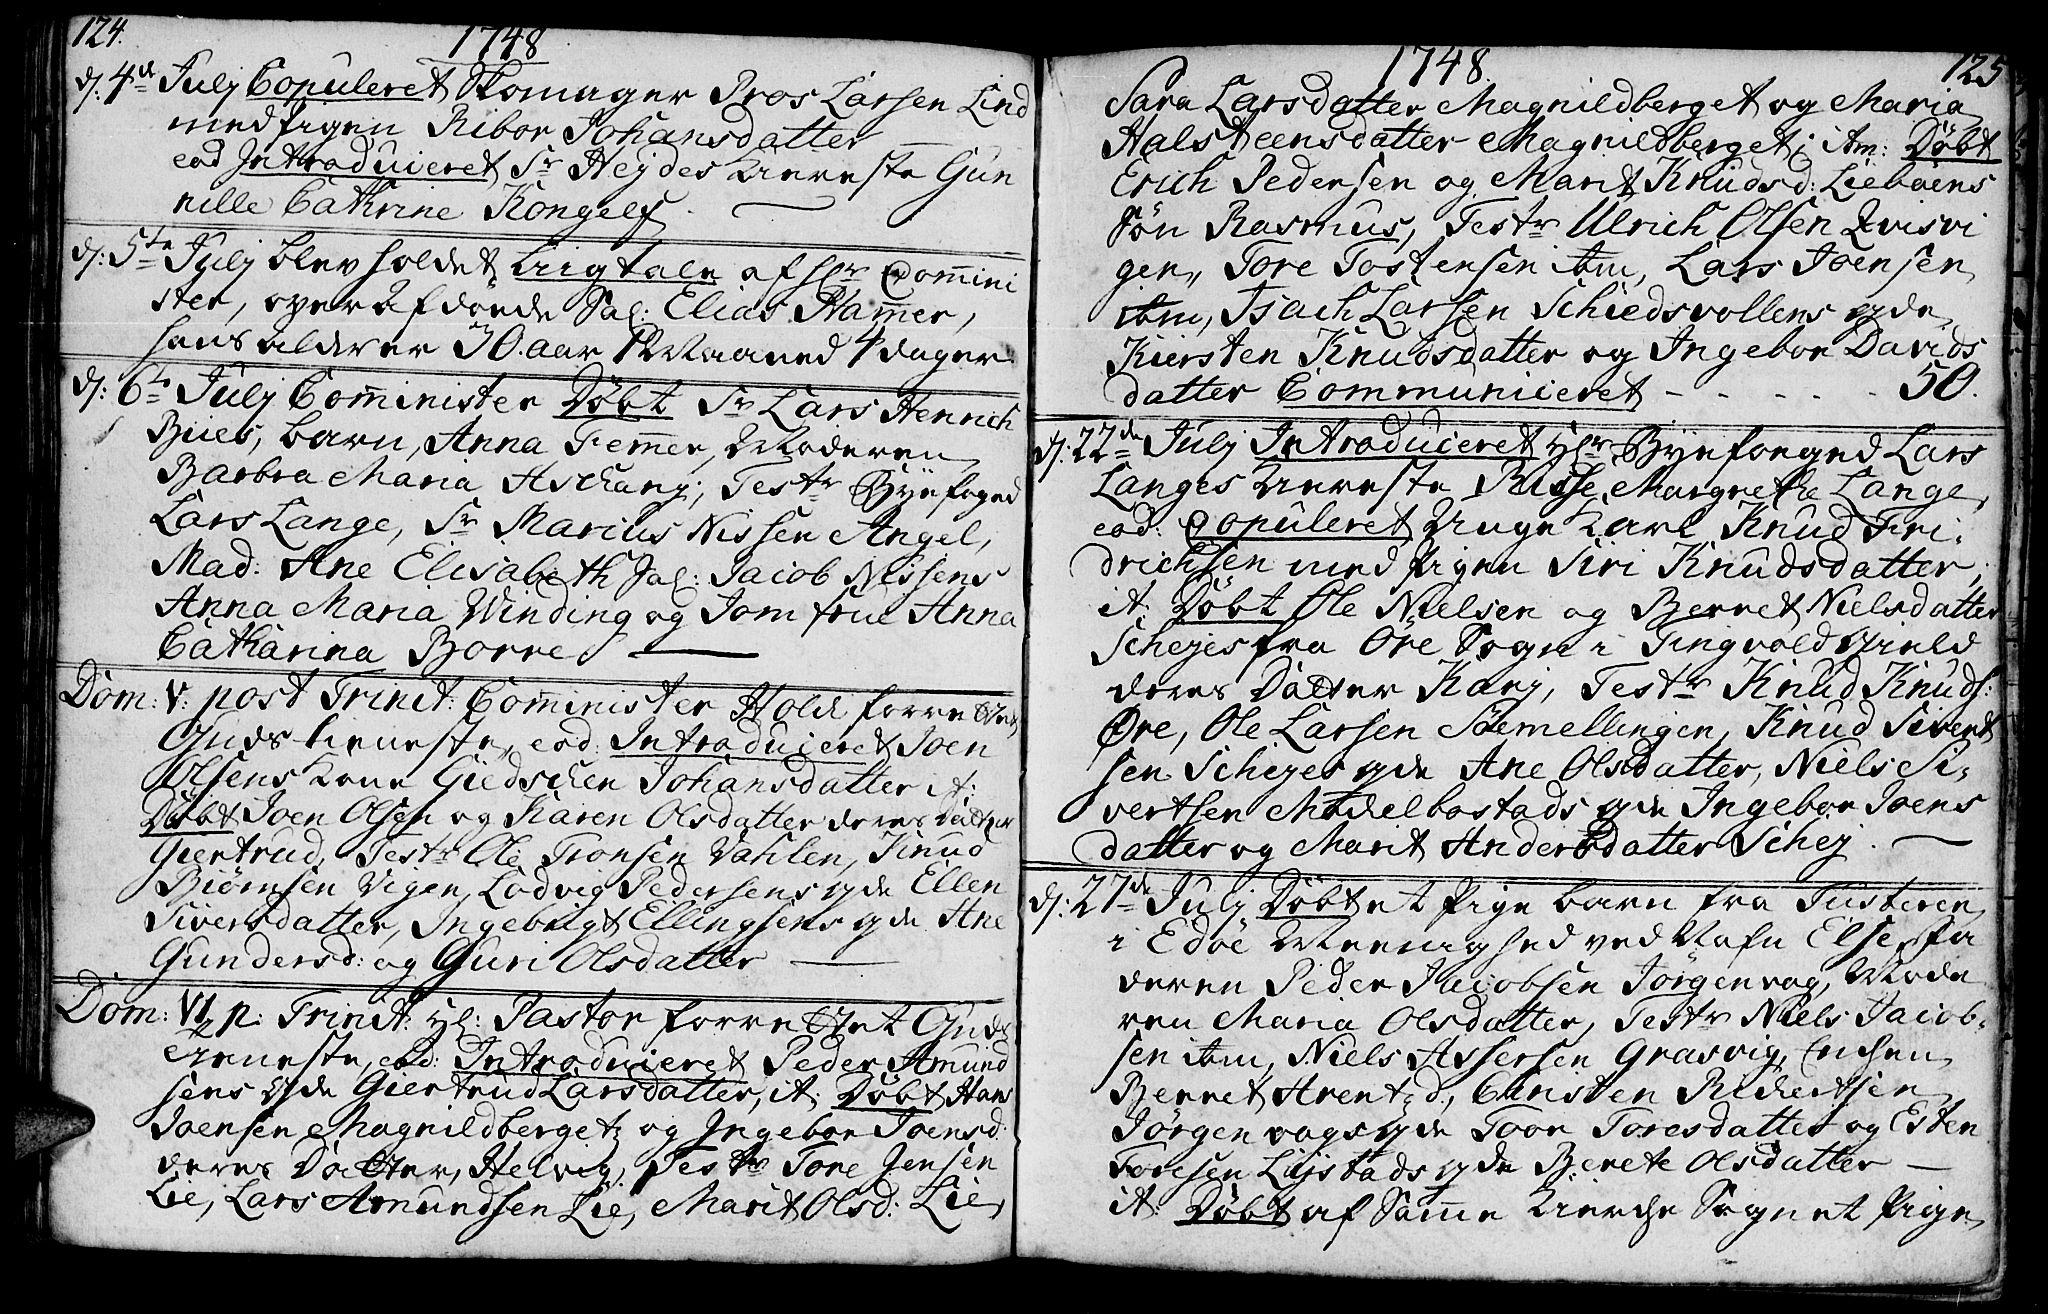 SAT, Ministerialprotokoller, klokkerbøker og fødselsregistre - Møre og Romsdal, 572/L0839: Ministerialbok nr. 572A02, 1739-1754, s. 124-125